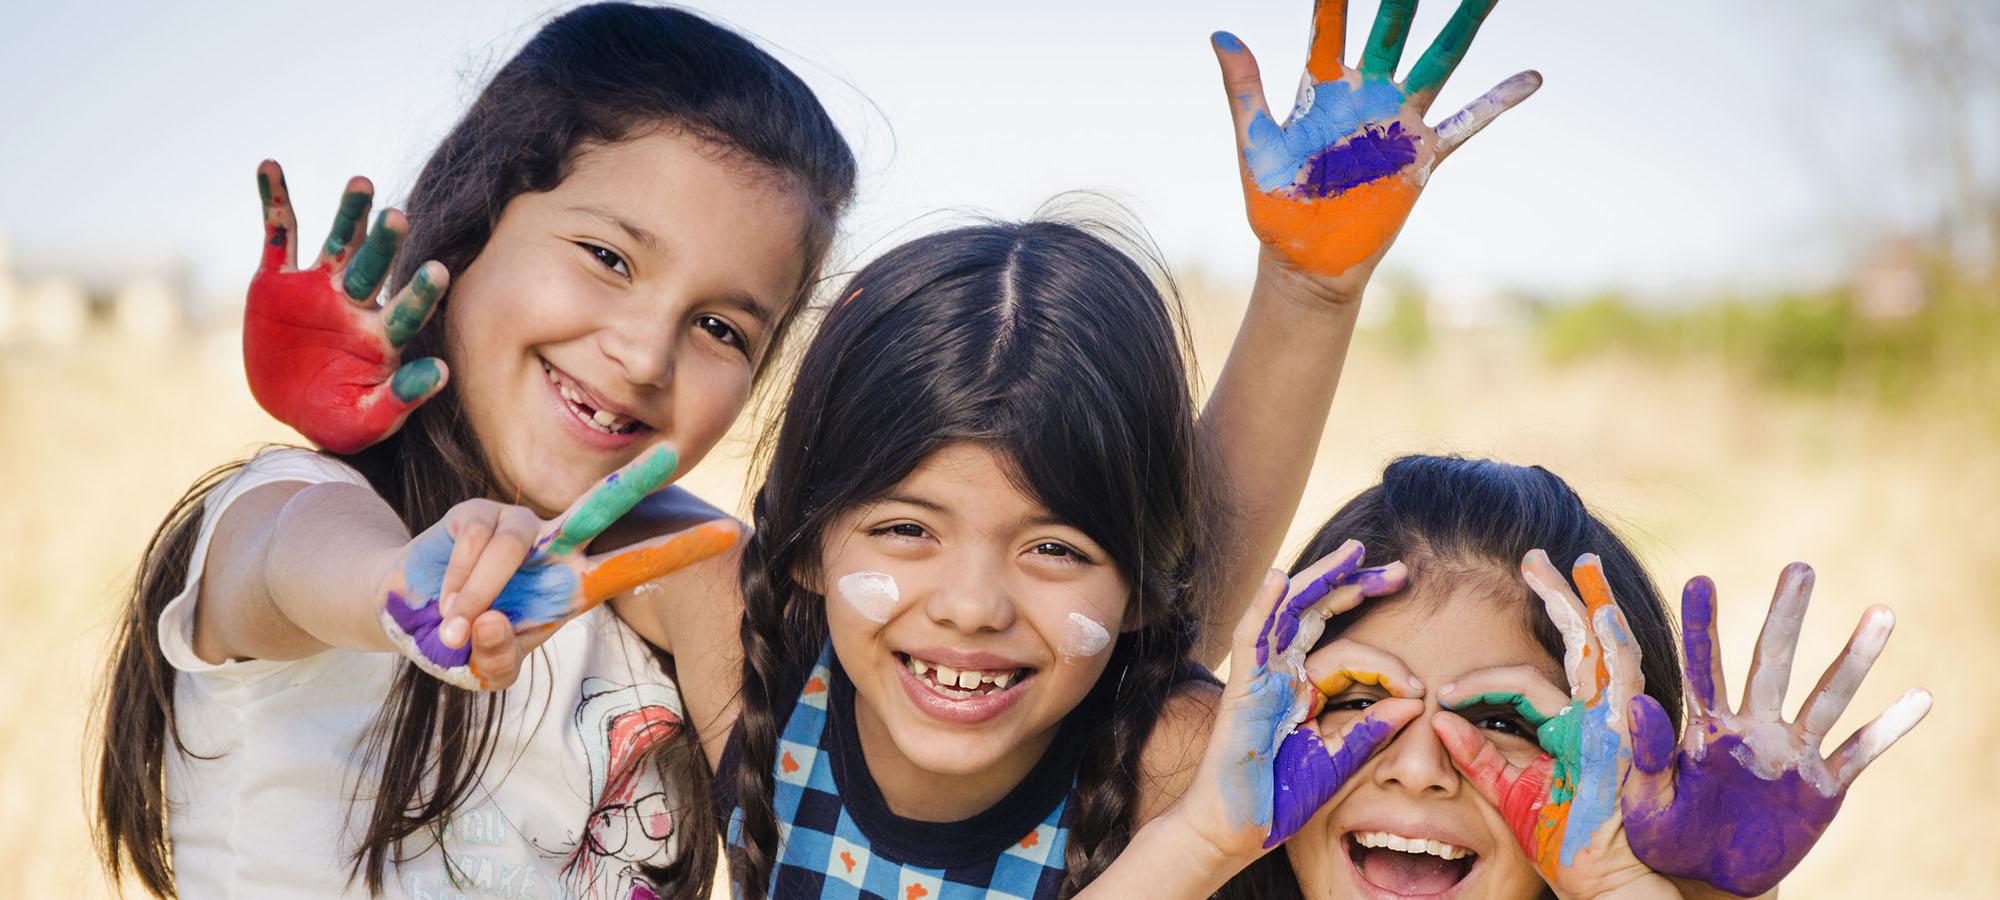 روز جهانی دختر در تقویم سازمان ملل